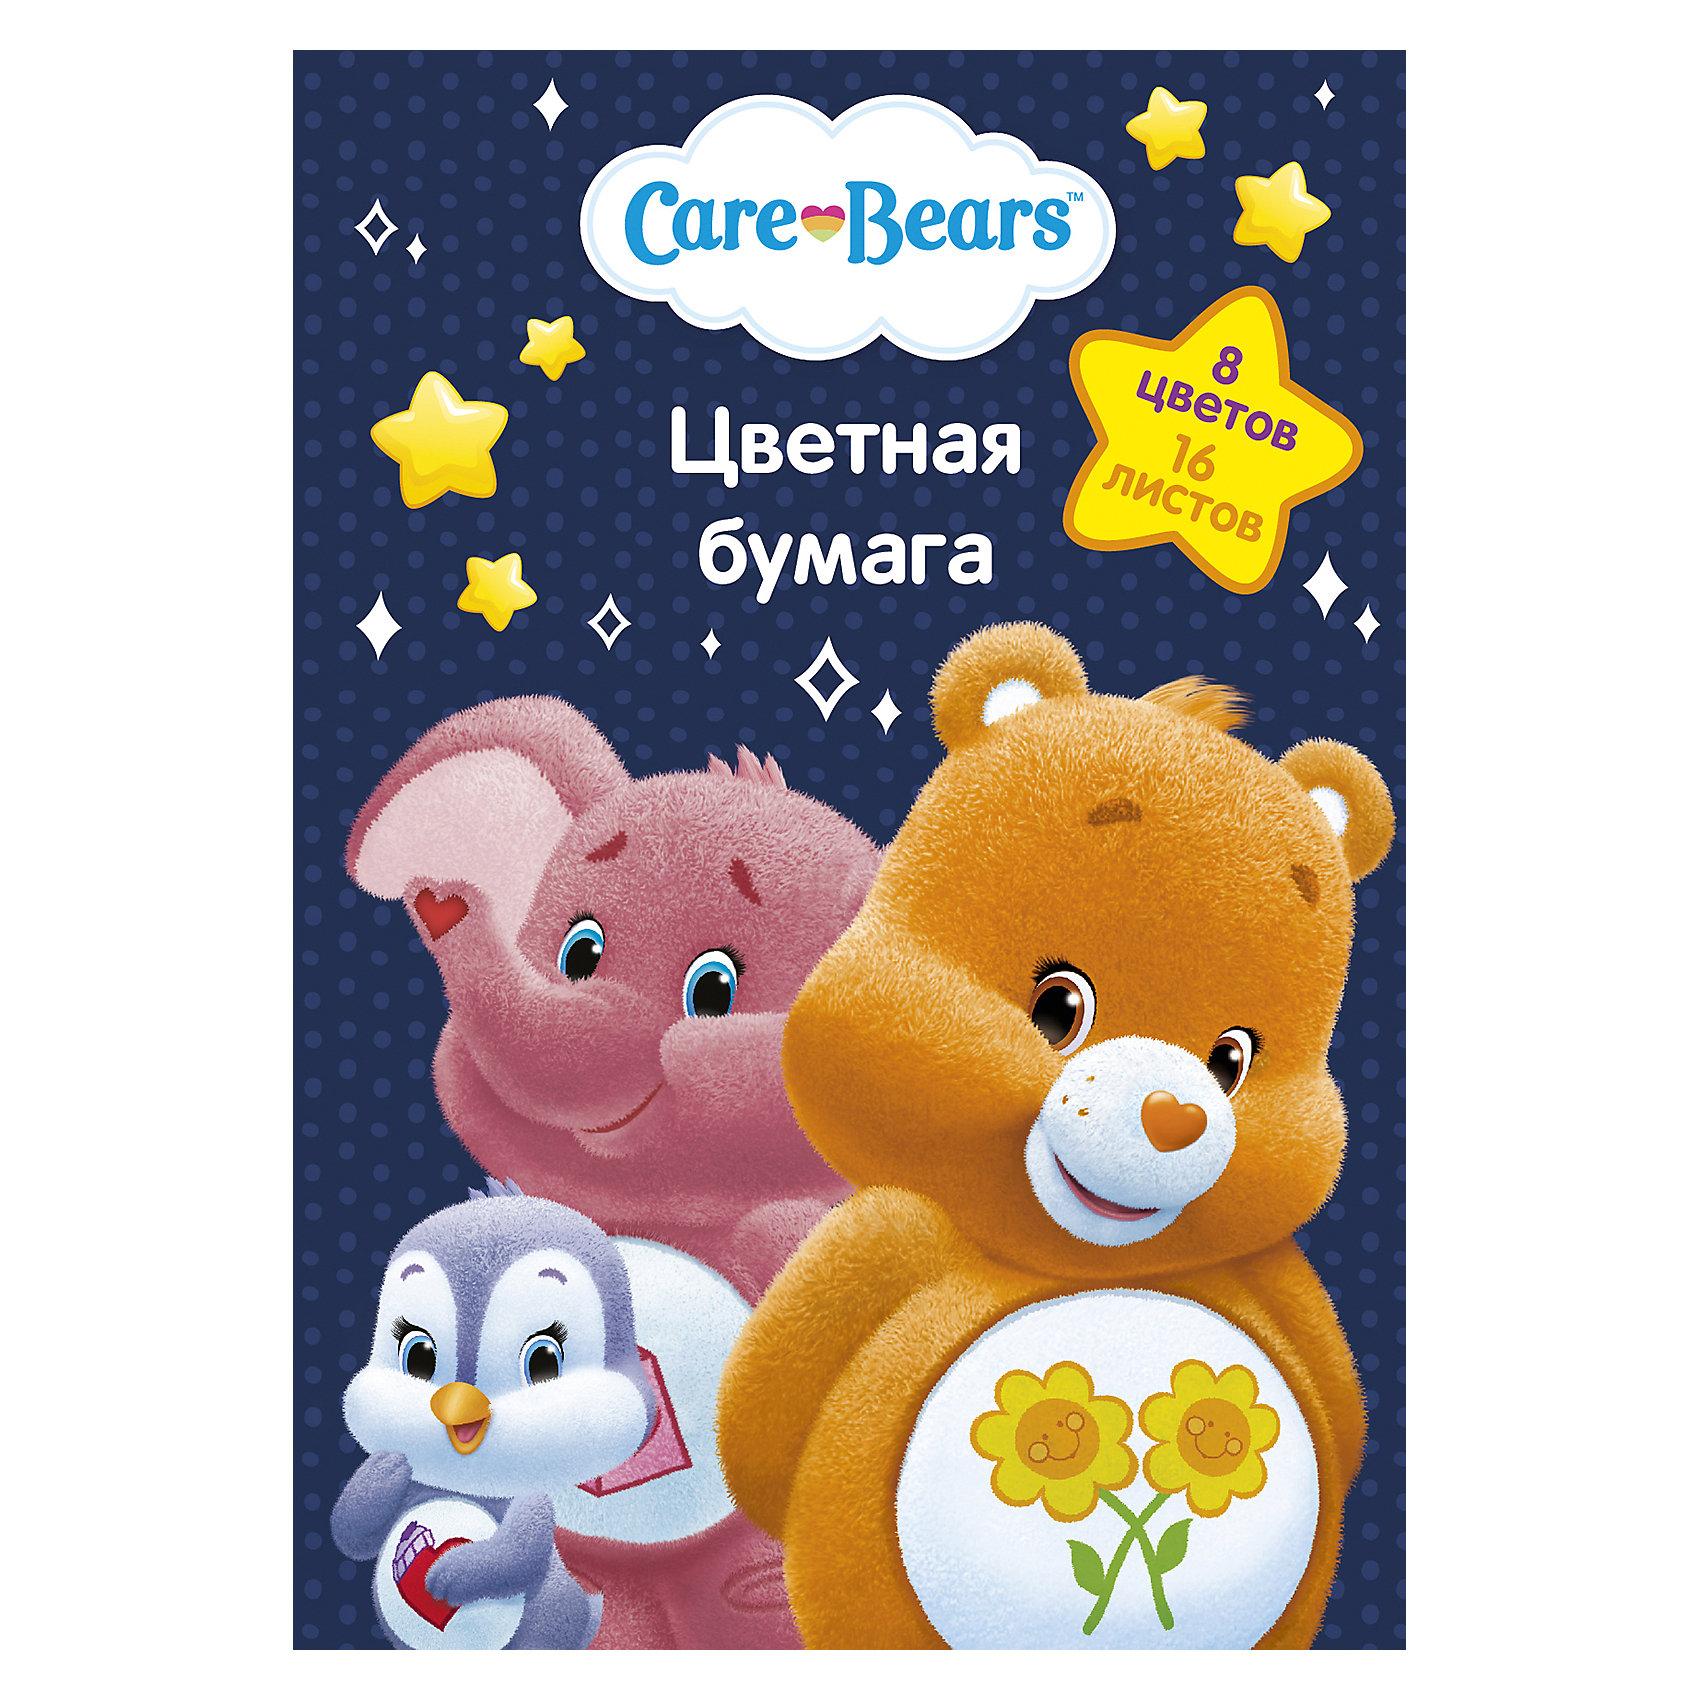 Цветная односторонняя бумага Care Bears, 16 листов, 8 цветов, Заботливые мишкиБумажная продукция<br>Характеристики цветной односторонней бумаги Care Bears 16 листов, 8 цветов, Заботливые мишки: <br><br>• возраст: от 3 лет <br>• пол: для девочек<br>• комплект: 16 листов мелованной бумаги с односторонней печатью: желтый, оранжевый, красный, синий, зеленый, фиолетовый, коричневый, черный<br>• состав : бумага, картон.<br>• упаковка: папка с двумя клапанами, выполненная из мелованного картона с глянцевым лаком.<br>• размеры: 29 х 20 см<br>• бренд: Росмэн<br>• страна обладатель бренда: Россия.<br><br>Цветная бумага Care Bears формата А4 идеально подходит для детского творчества: создания аппликаций, оригами и других поделок. В упаковке 8 цветов (16 листов) мелованной бумаги с односторонней печатью: желтый, оранжевый, красный, синий, зеленый, фиолетовый, коричневый, черный. Упаковка: папка (29,4х20,5х0,4 см) с двумя клапанами, выполненная из мелованного картона с глянцевым лаком.<br><br>Цветную одностороннюю бумагу 16 листов, 8 цветов, Care Bears от бренда Росмэн можно купить в нашем интернет-магазине.<br><br>Ширина мм: 292<br>Глубина мм: 205<br>Высота мм: 20<br>Вес г: 108<br>Возраст от месяцев: 36<br>Возраст до месяцев: 2147483647<br>Пол: Женский<br>Возраст: Детский<br>SKU: 5453302